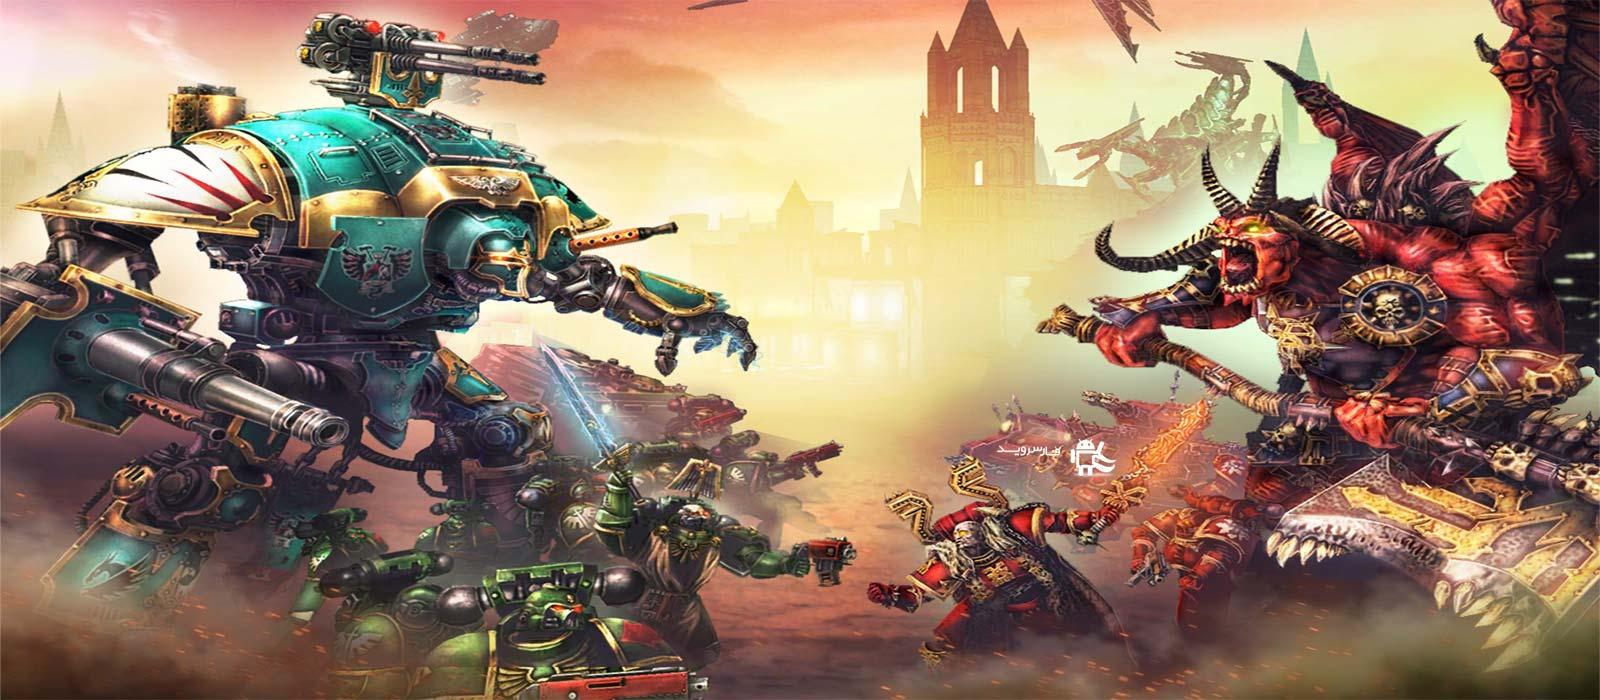 دانلود Warhammer 40,000: Freeblade 1.6.1 - بازی اکشن فوق العاده وار همر: فری بلید اندروید + مود + دیتا